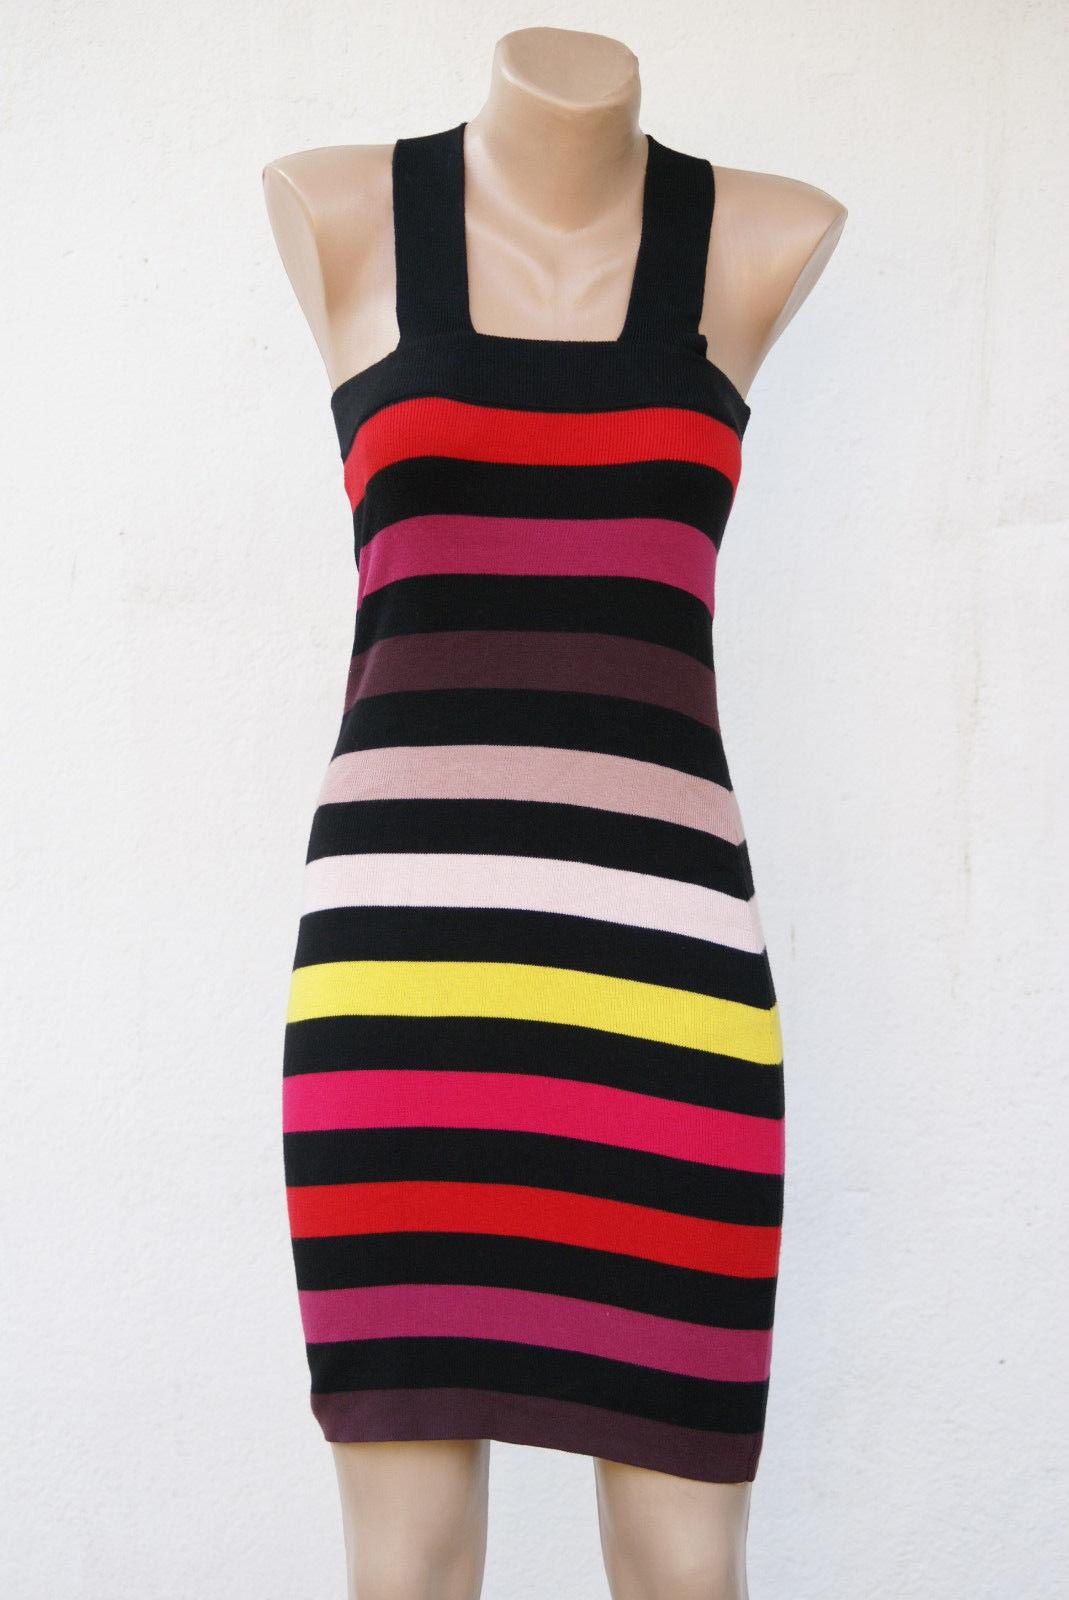 Striped Sonia Rykiel dress